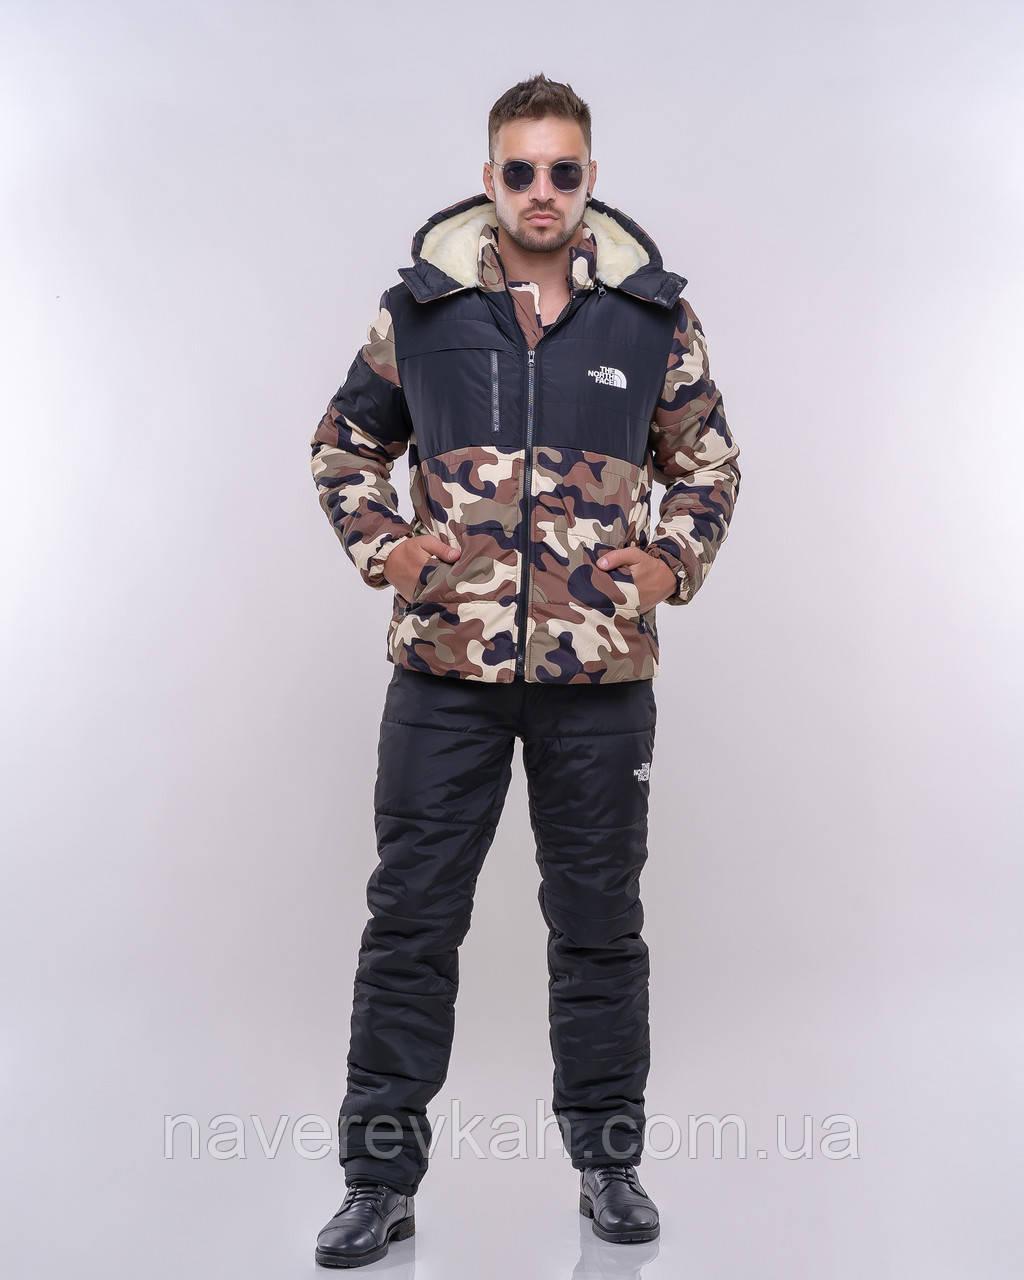 Мужской зимний теплый спортивный костюм плащевка на силиконе черный+камуфляж 44 46 48 50 52